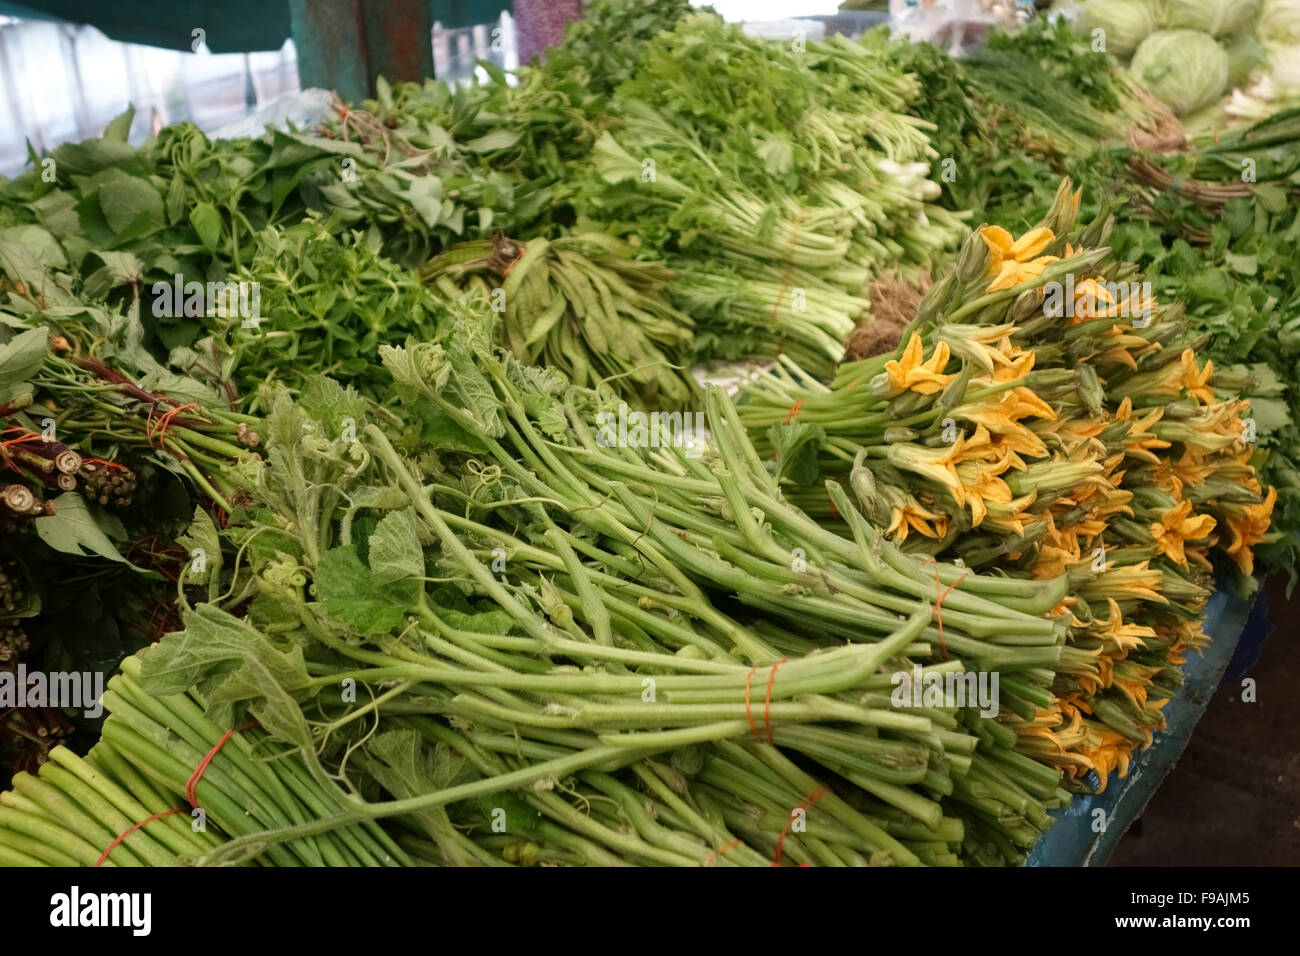 Blätter der Chayote, das Diuretikum und andere medizinische Immobilien zum Verkauf in einen Lebensmittelmarkt Stockbild